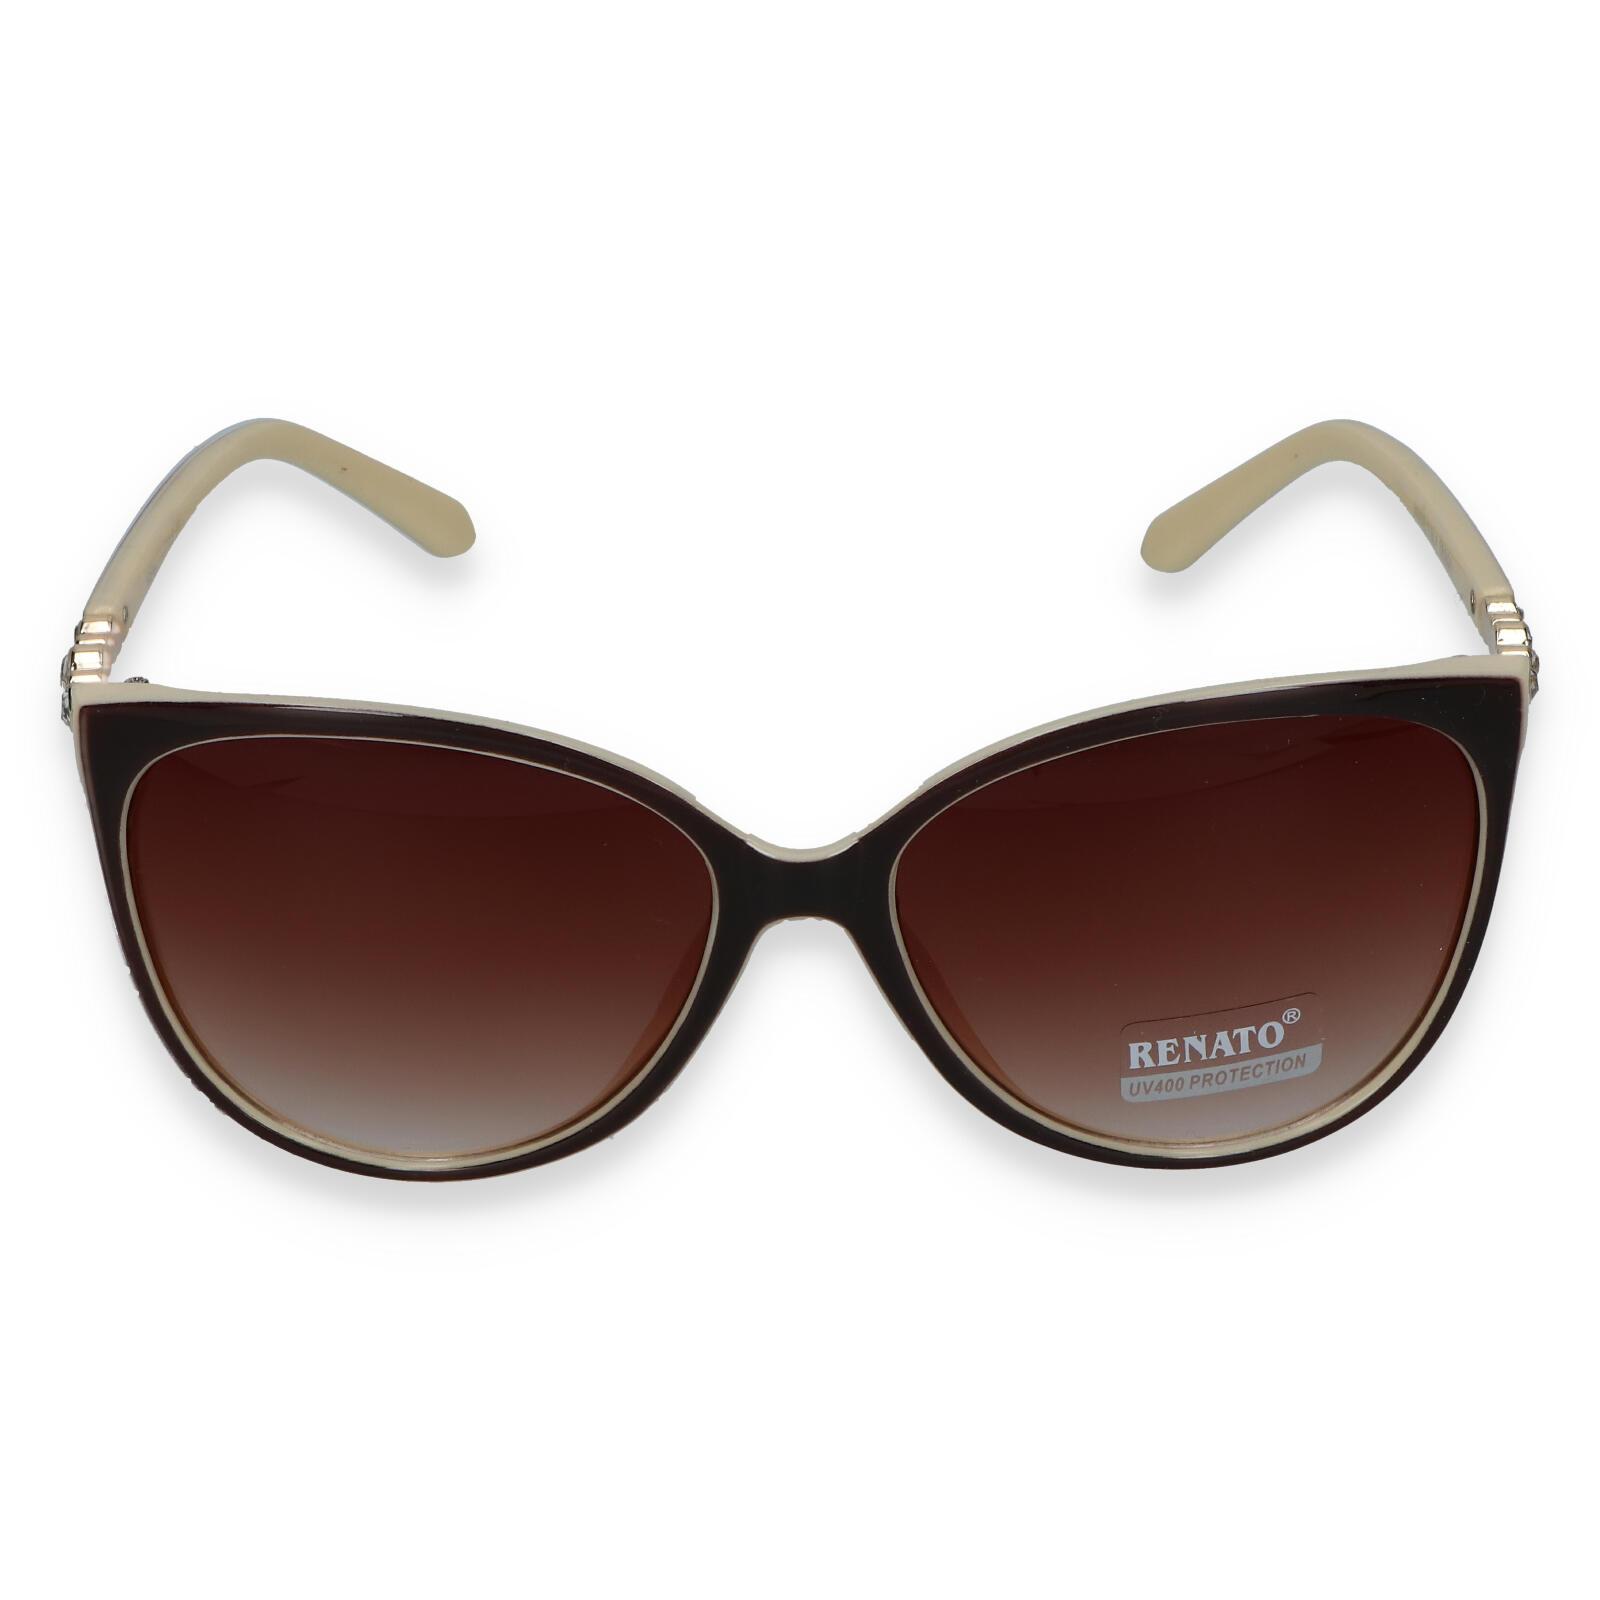 Dámske slnečné okuliare béžovo hnedé - LUX232